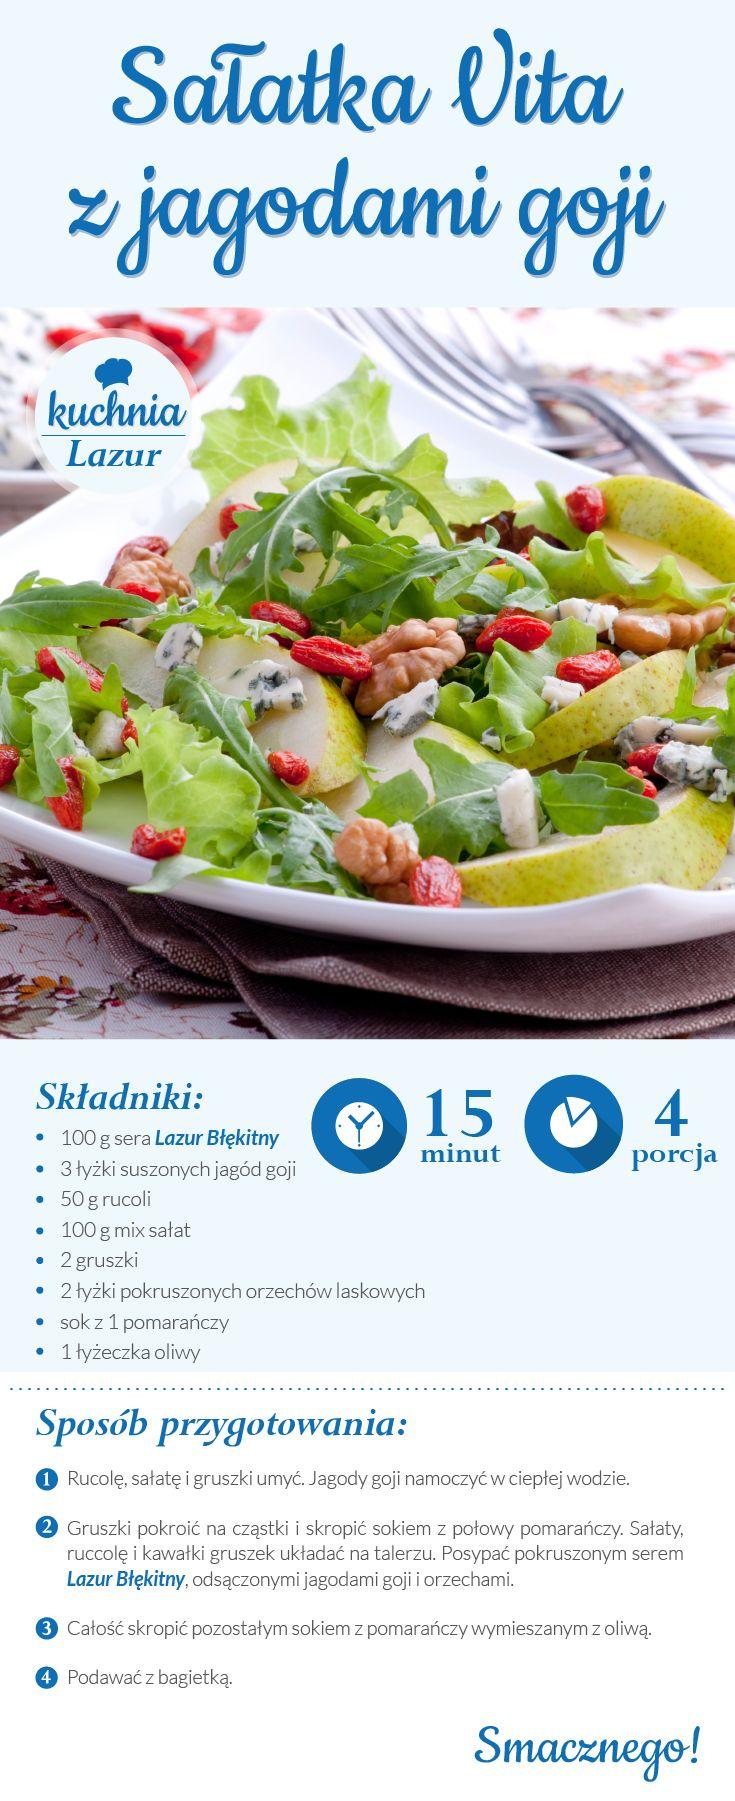 Sałatka Vita z jagodami goji /sałatka /jagody /Vita /Lazur /ser pleśniowy /rokpol /przepisy /kuchnia lazur